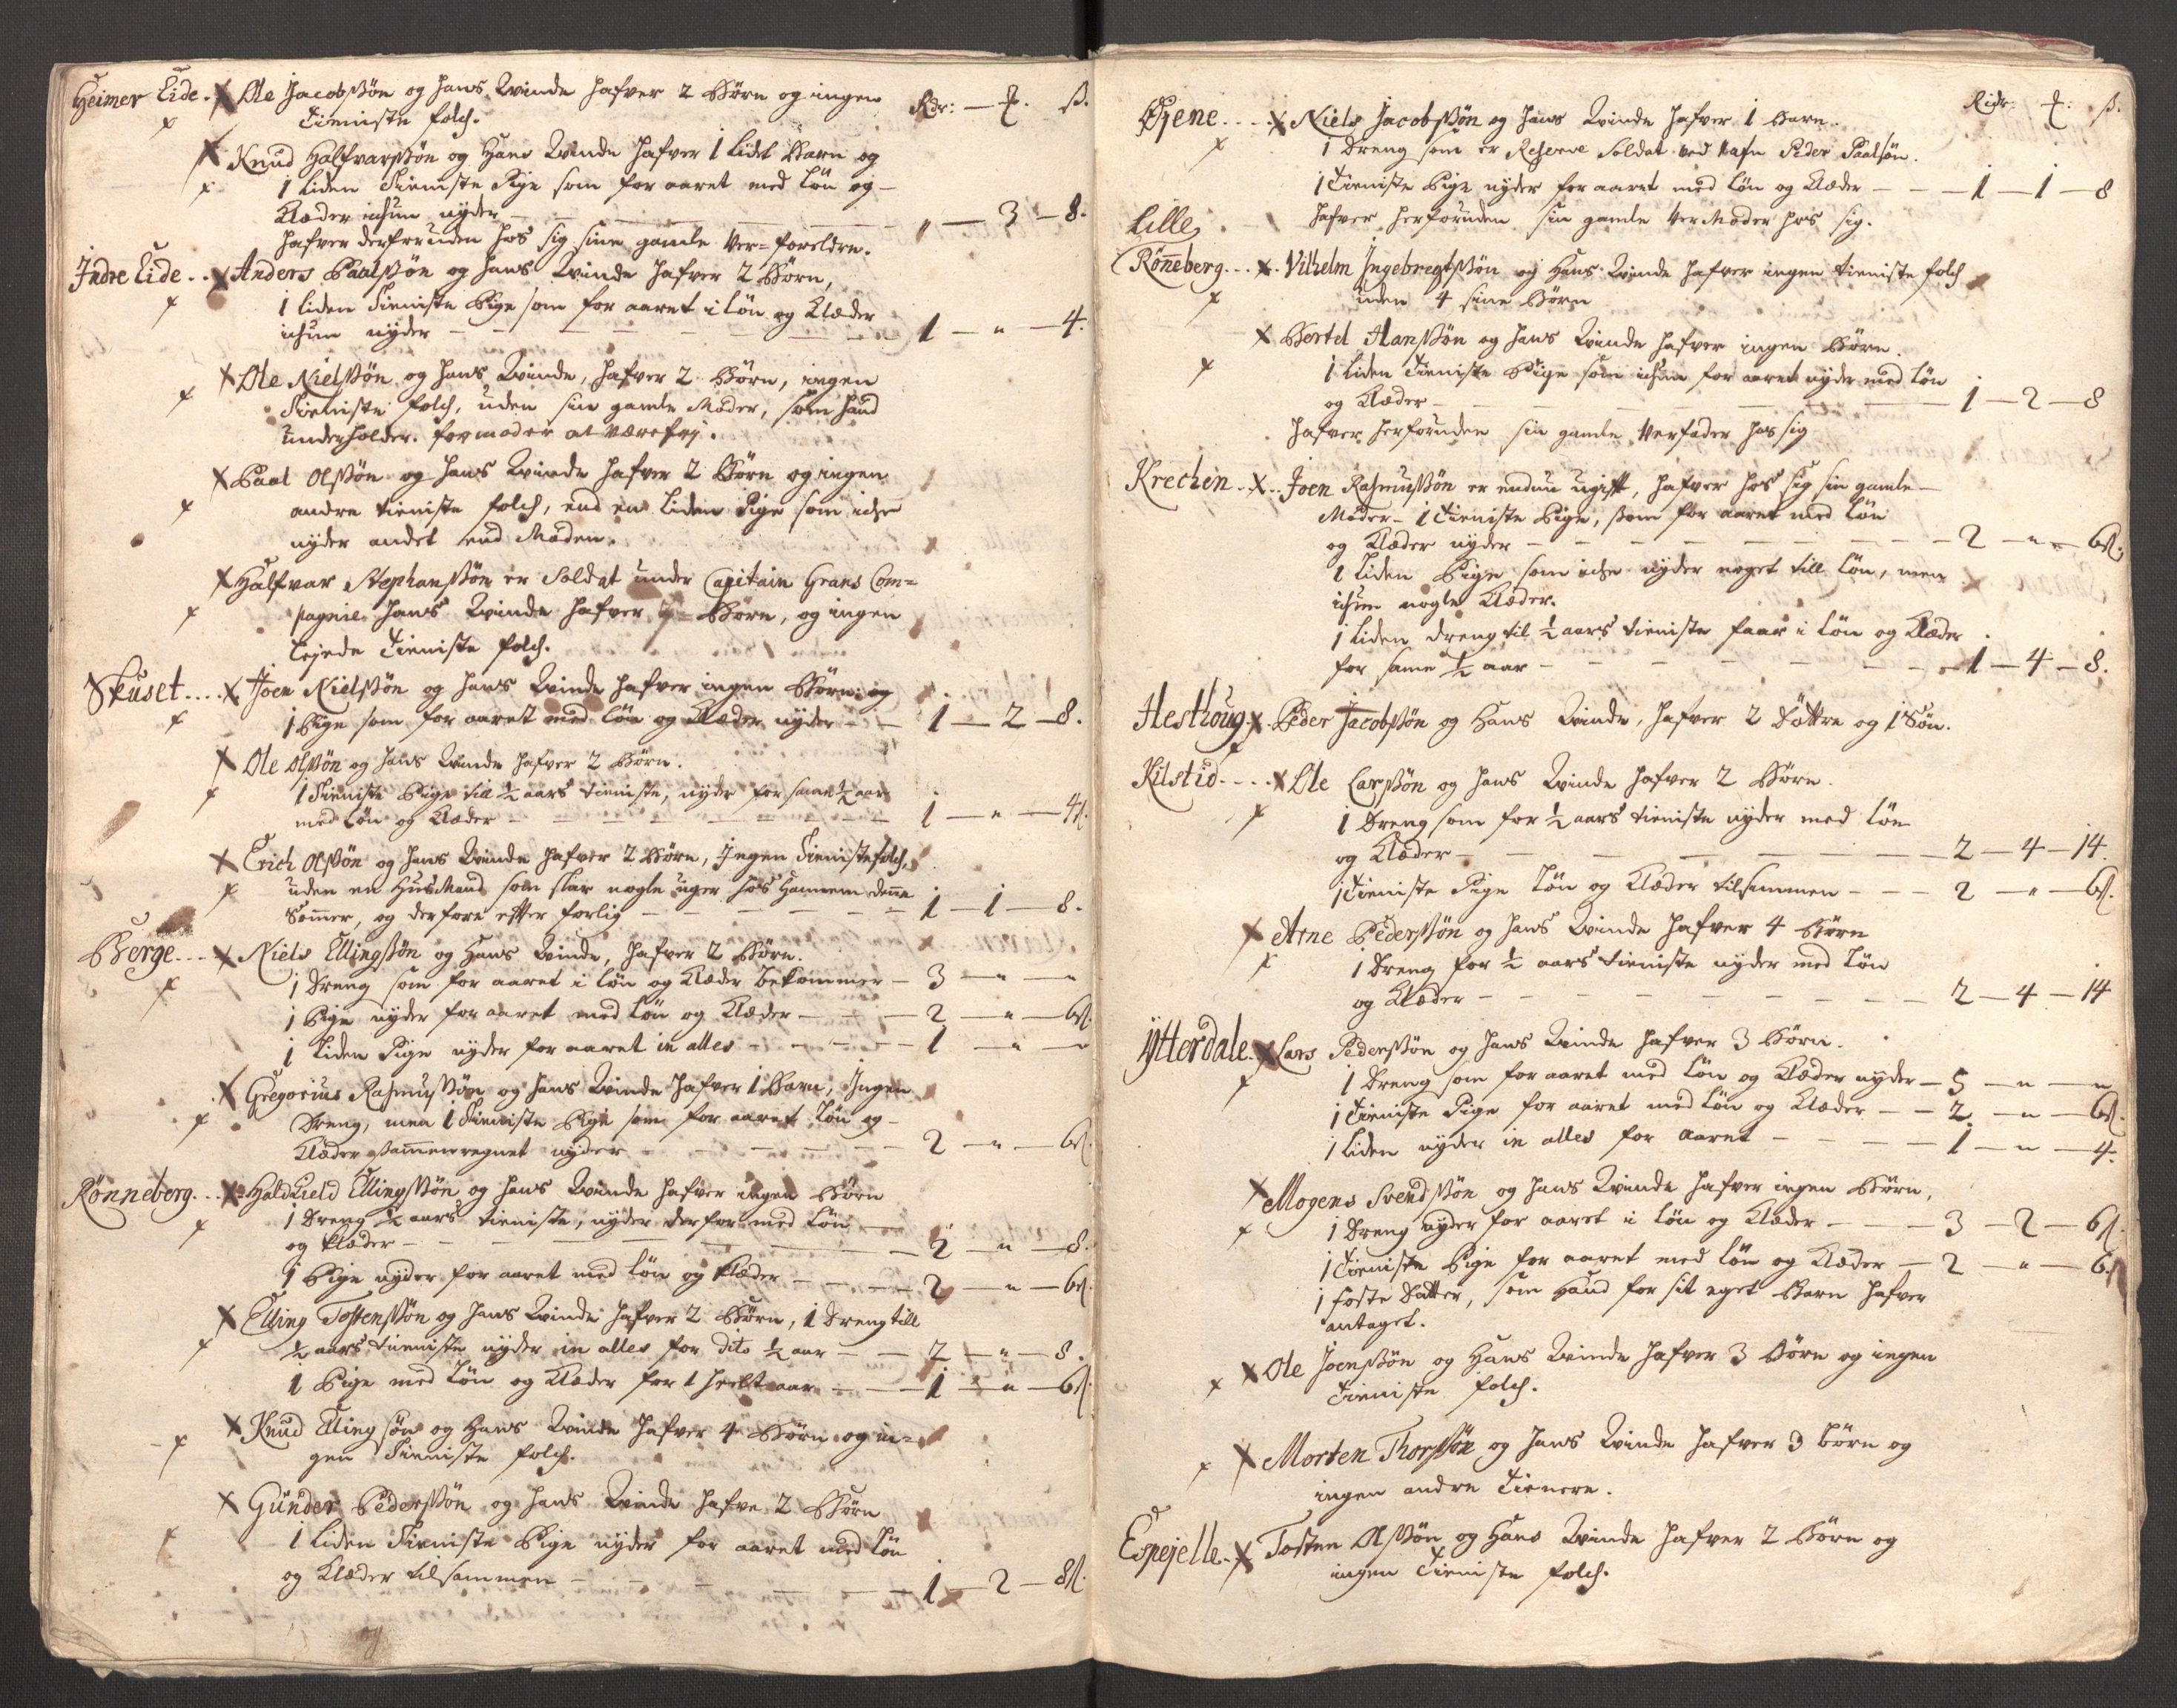 RA, Rentekammeret inntil 1814, Reviderte regnskaper, Fogderegnskap, R54/L3564: Fogderegnskap Sunnmøre, 1711, s. 304